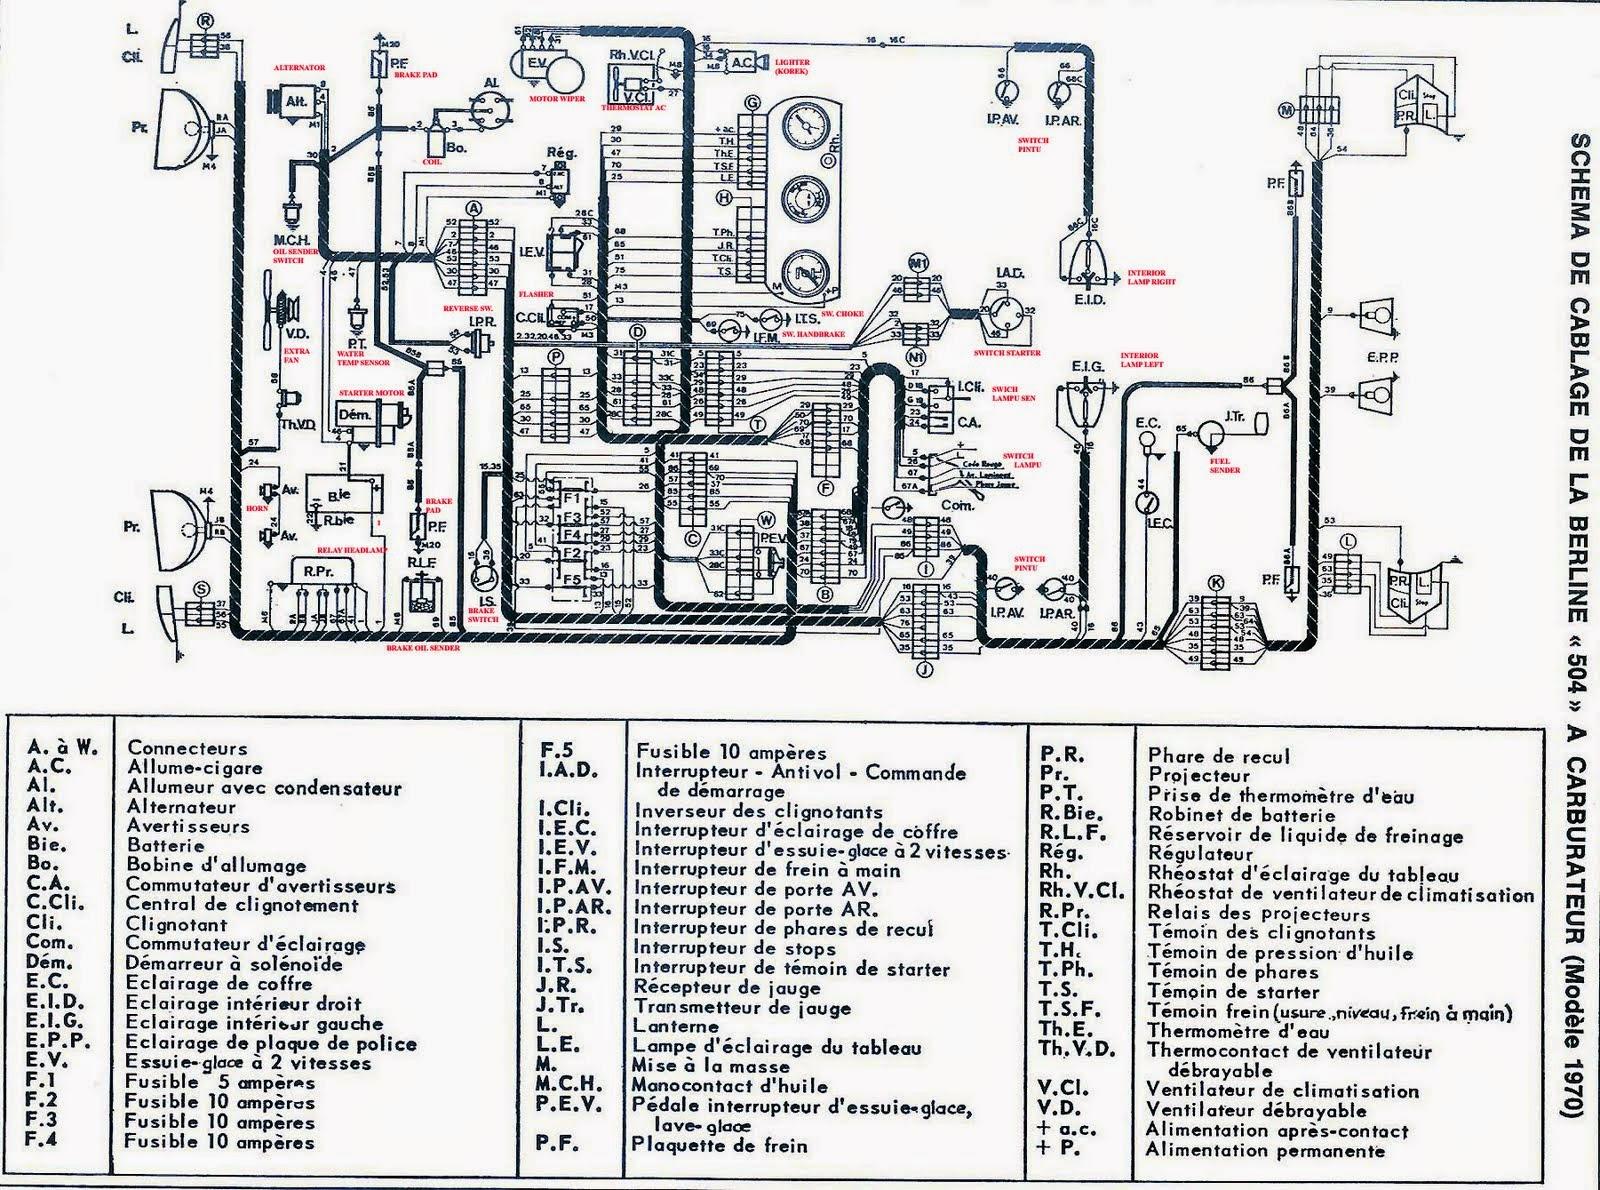 Diagram Kelistrikan Kijang 5k Pdf $ Wwwdownloadappco